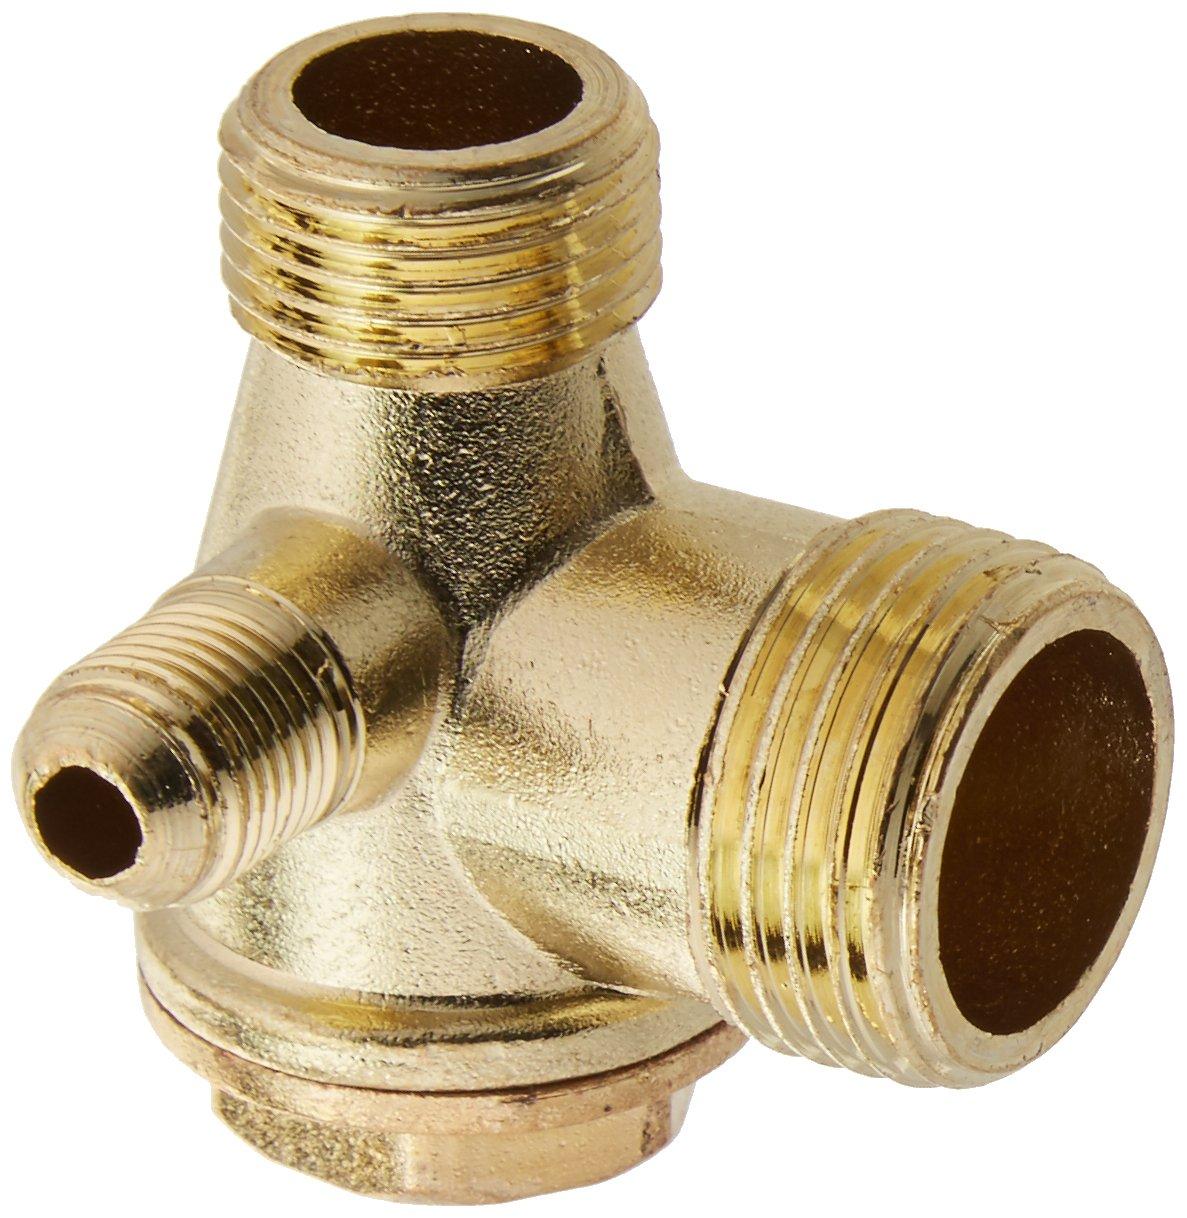 Sourcingmap - Tono de cobre de 3 ví as accesorios compresor de aire de la vá lvula de retenció n roscado a13101500ux0167